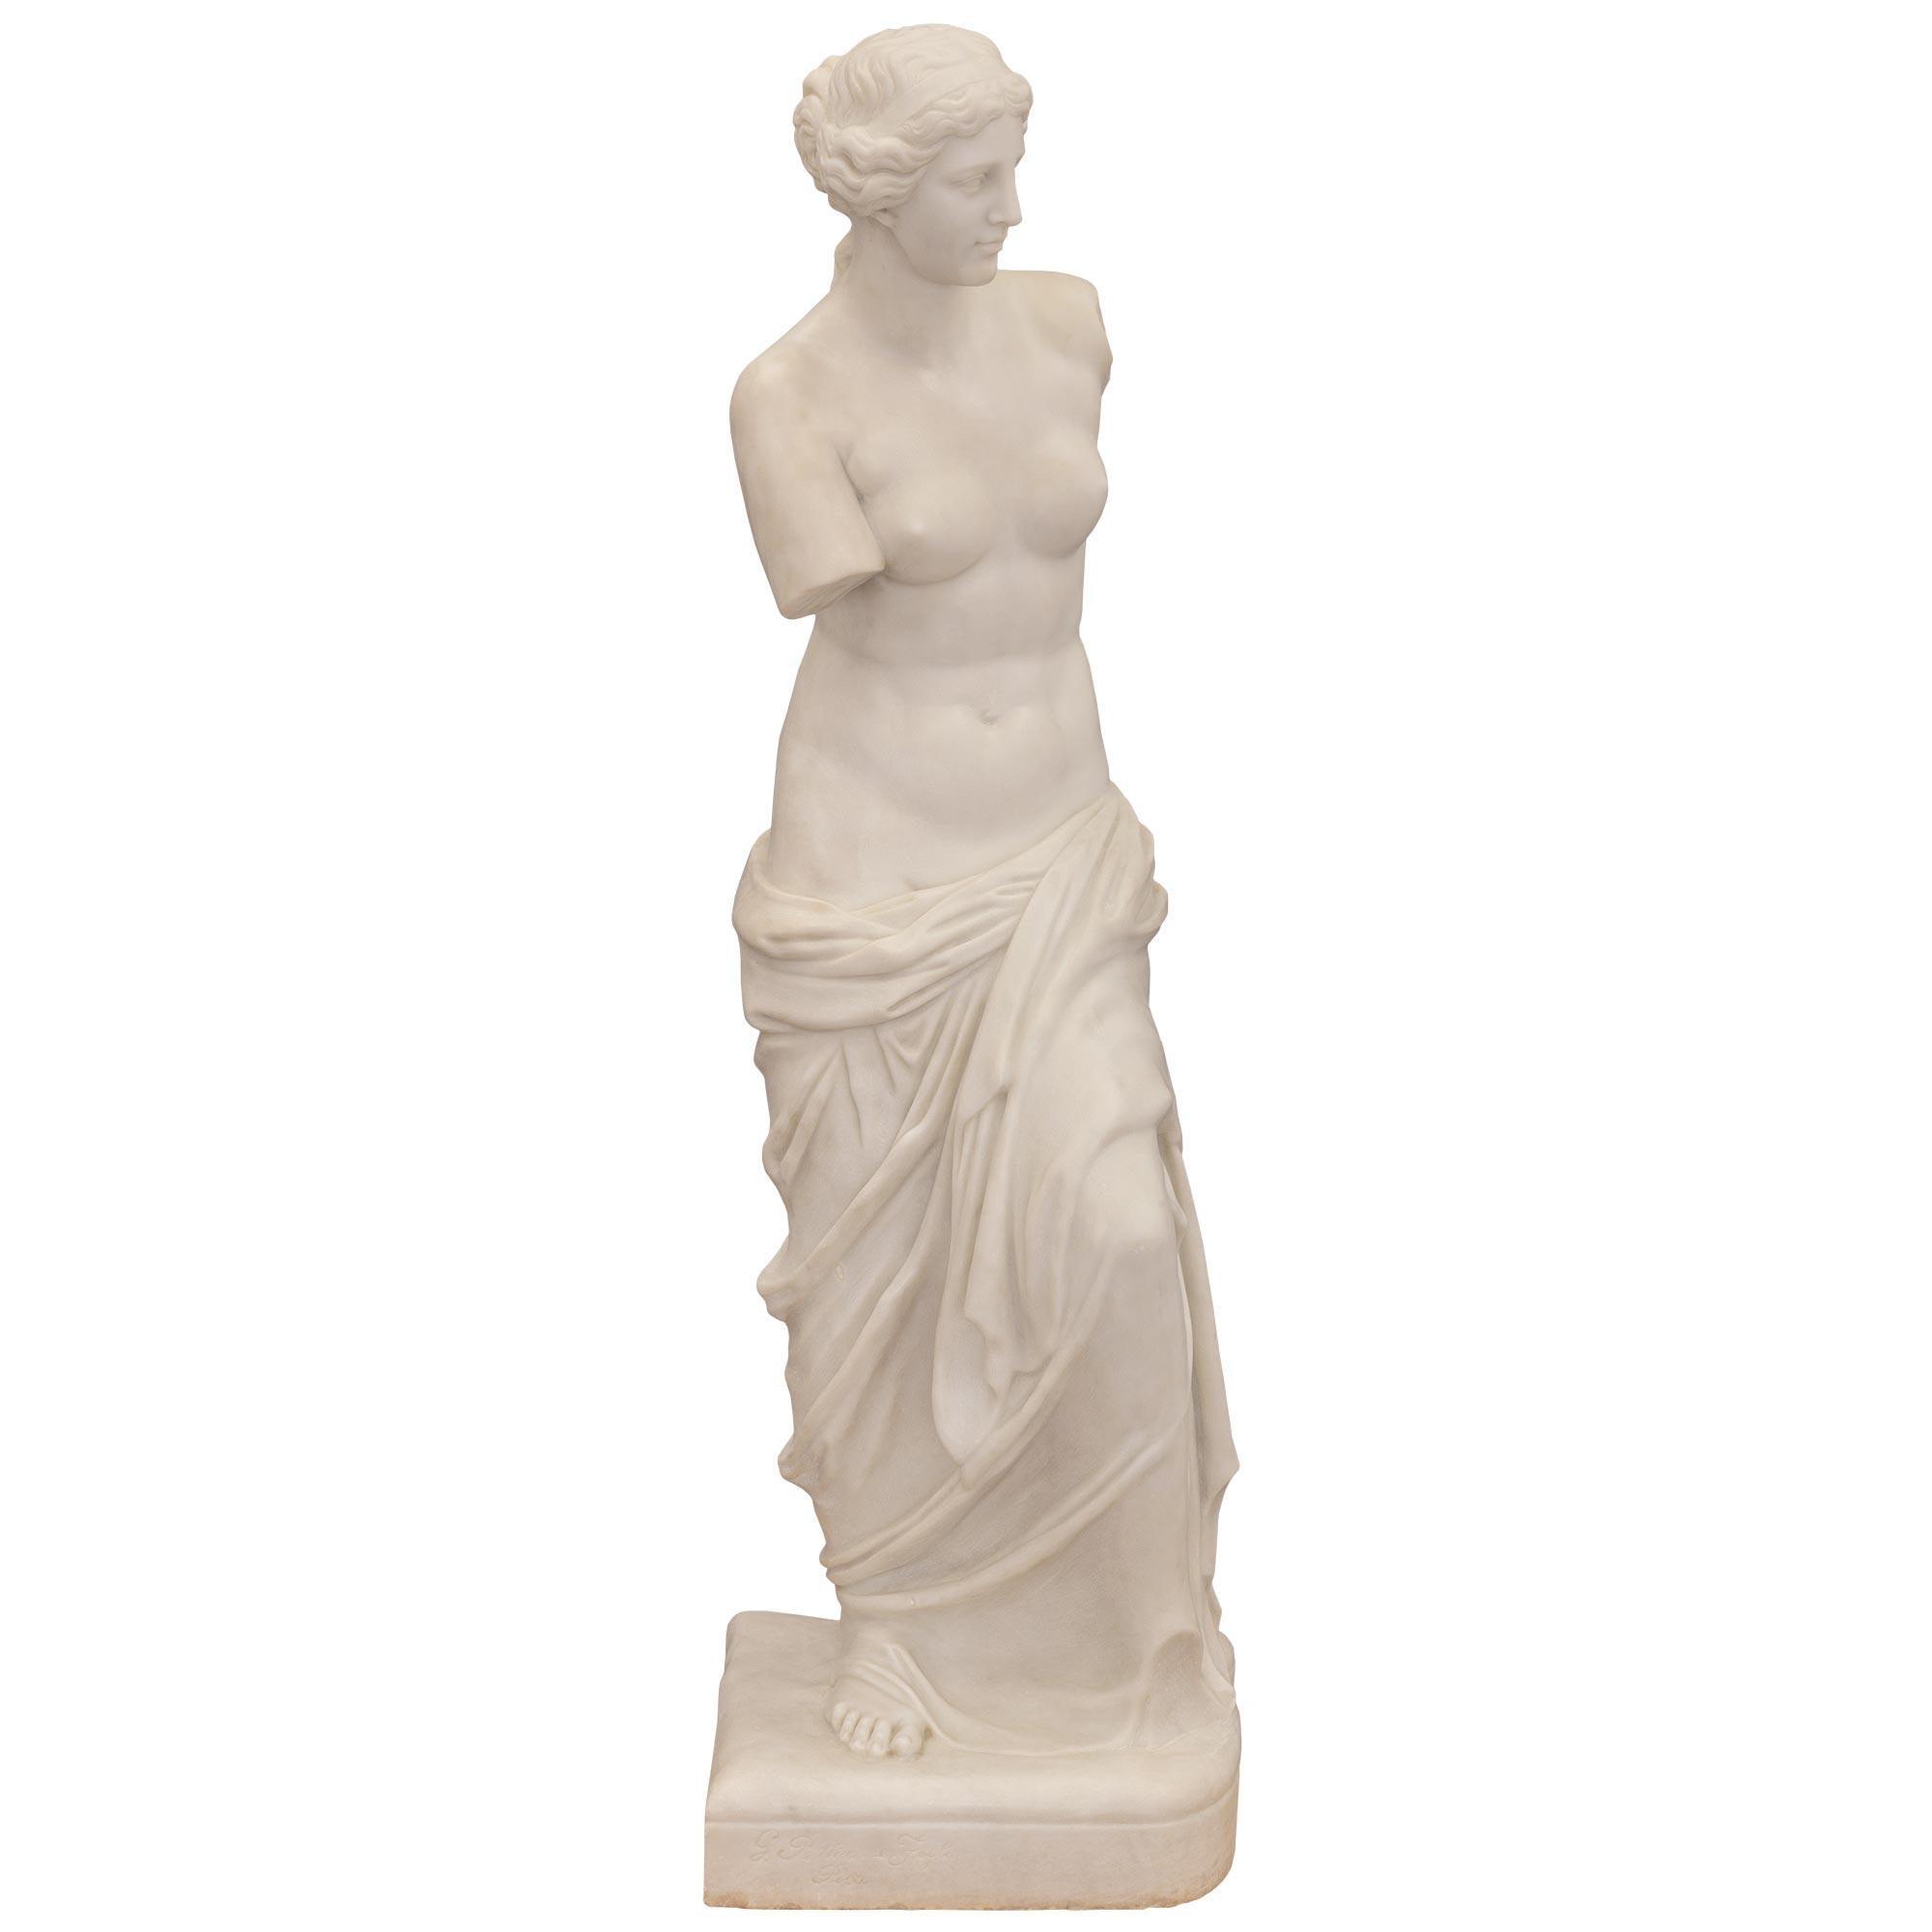 Italian 19th Century Neo-Classical St. Marble Statue of Venus De Milo